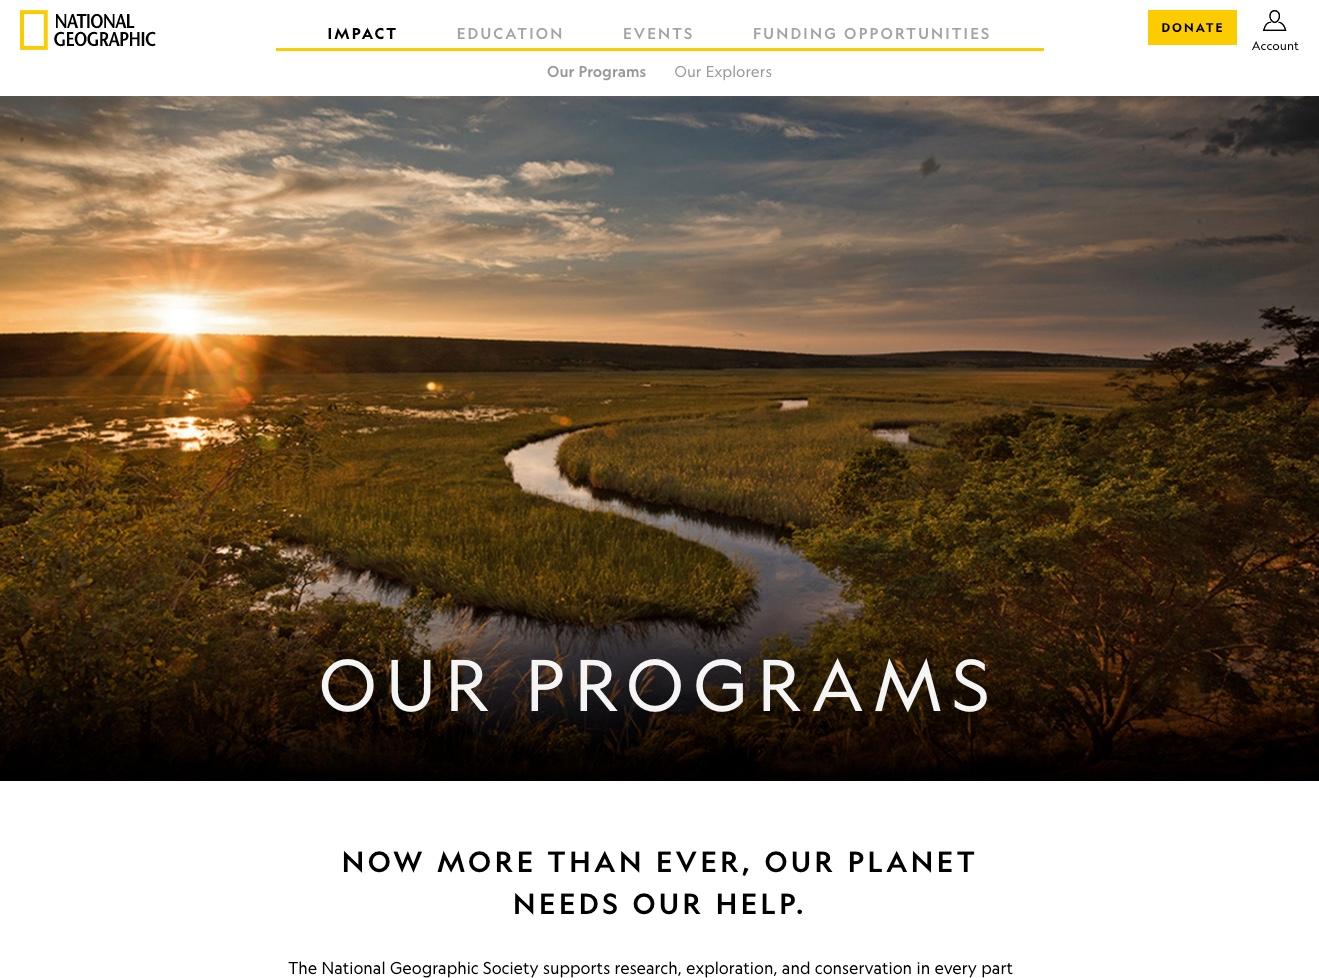 Captura de pantalla del sitio web de escritorio de National Geographic